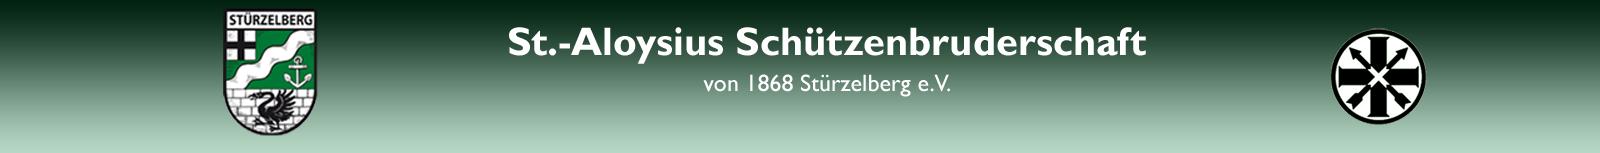 St.-Aloysius Bruderschaft Stürzelberg